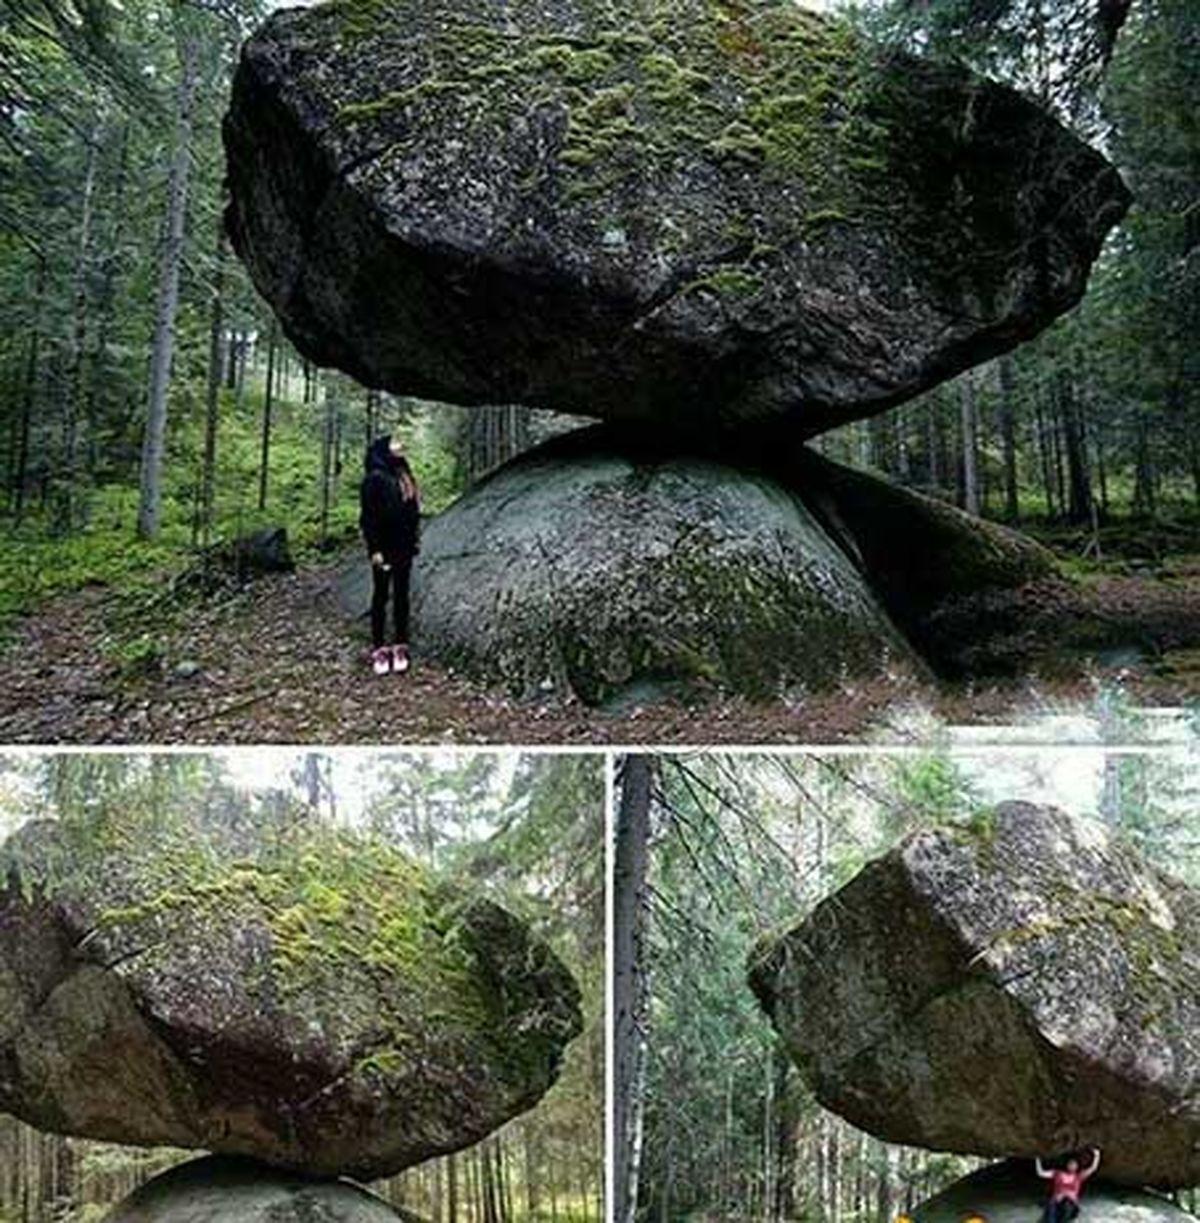 تصویر عجیب ترین صخره دنیا؛شاید کار موجودات بیگانه باشد